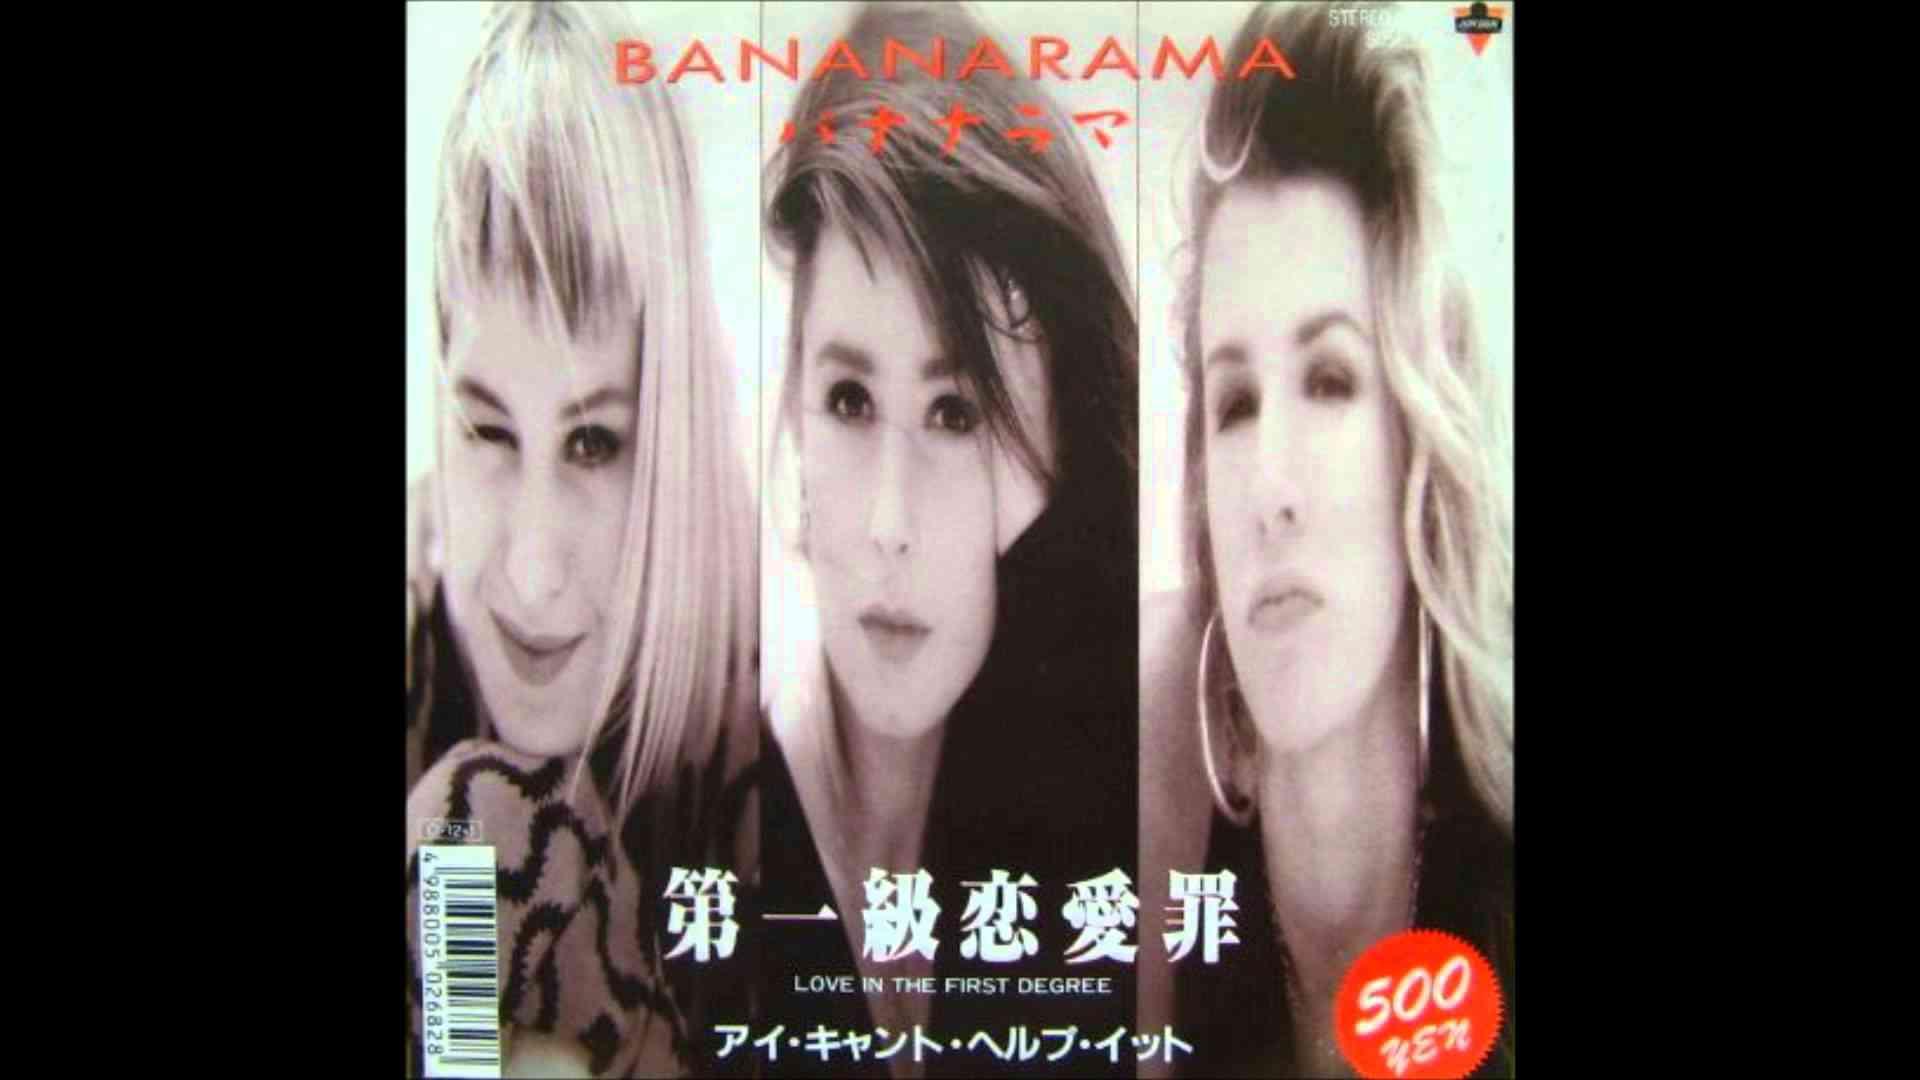 第一級恋愛罪  バナナラマ - YouTube